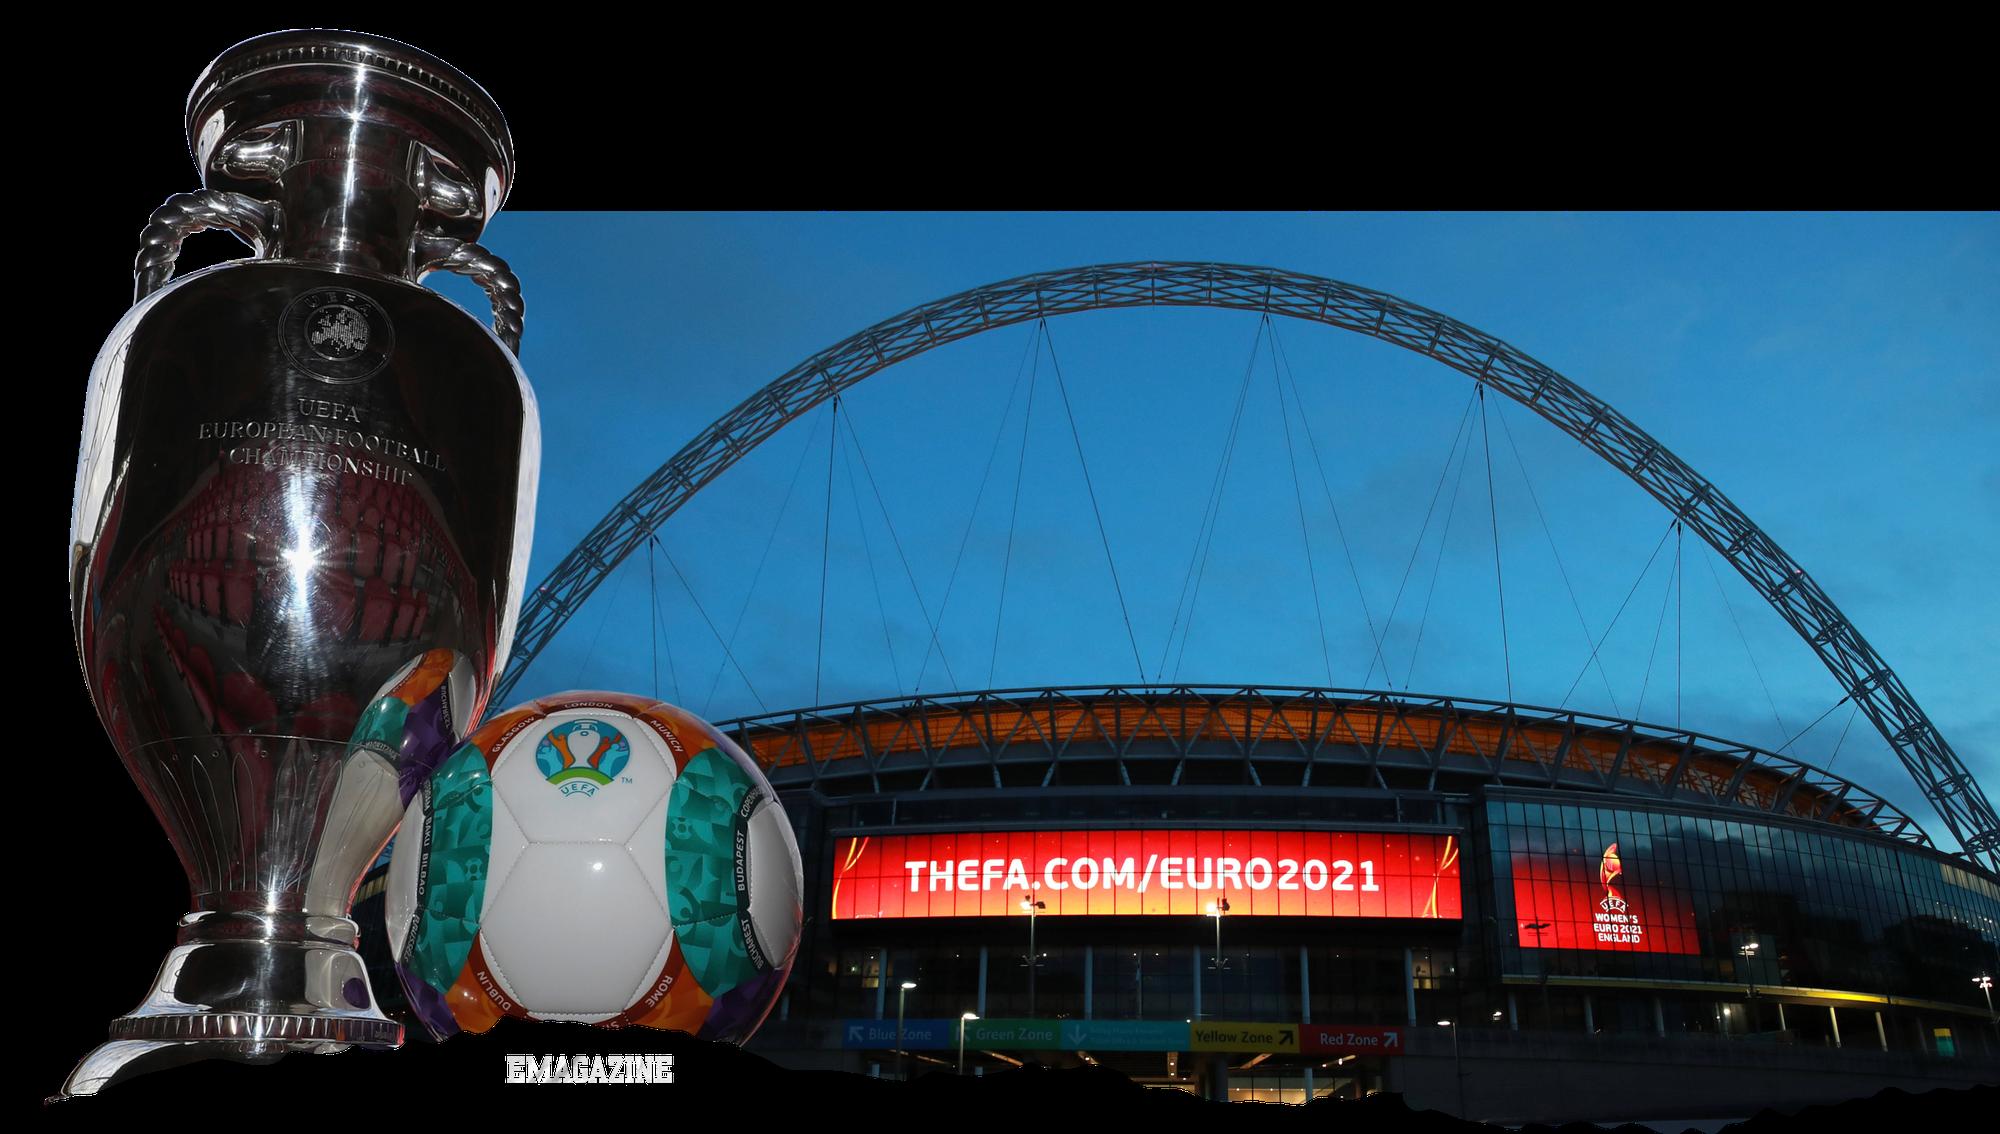 EURO 2020, COVID-19 và bản nhạc blue ảm đạm của các giải đấu thể thao - Ảnh 5.